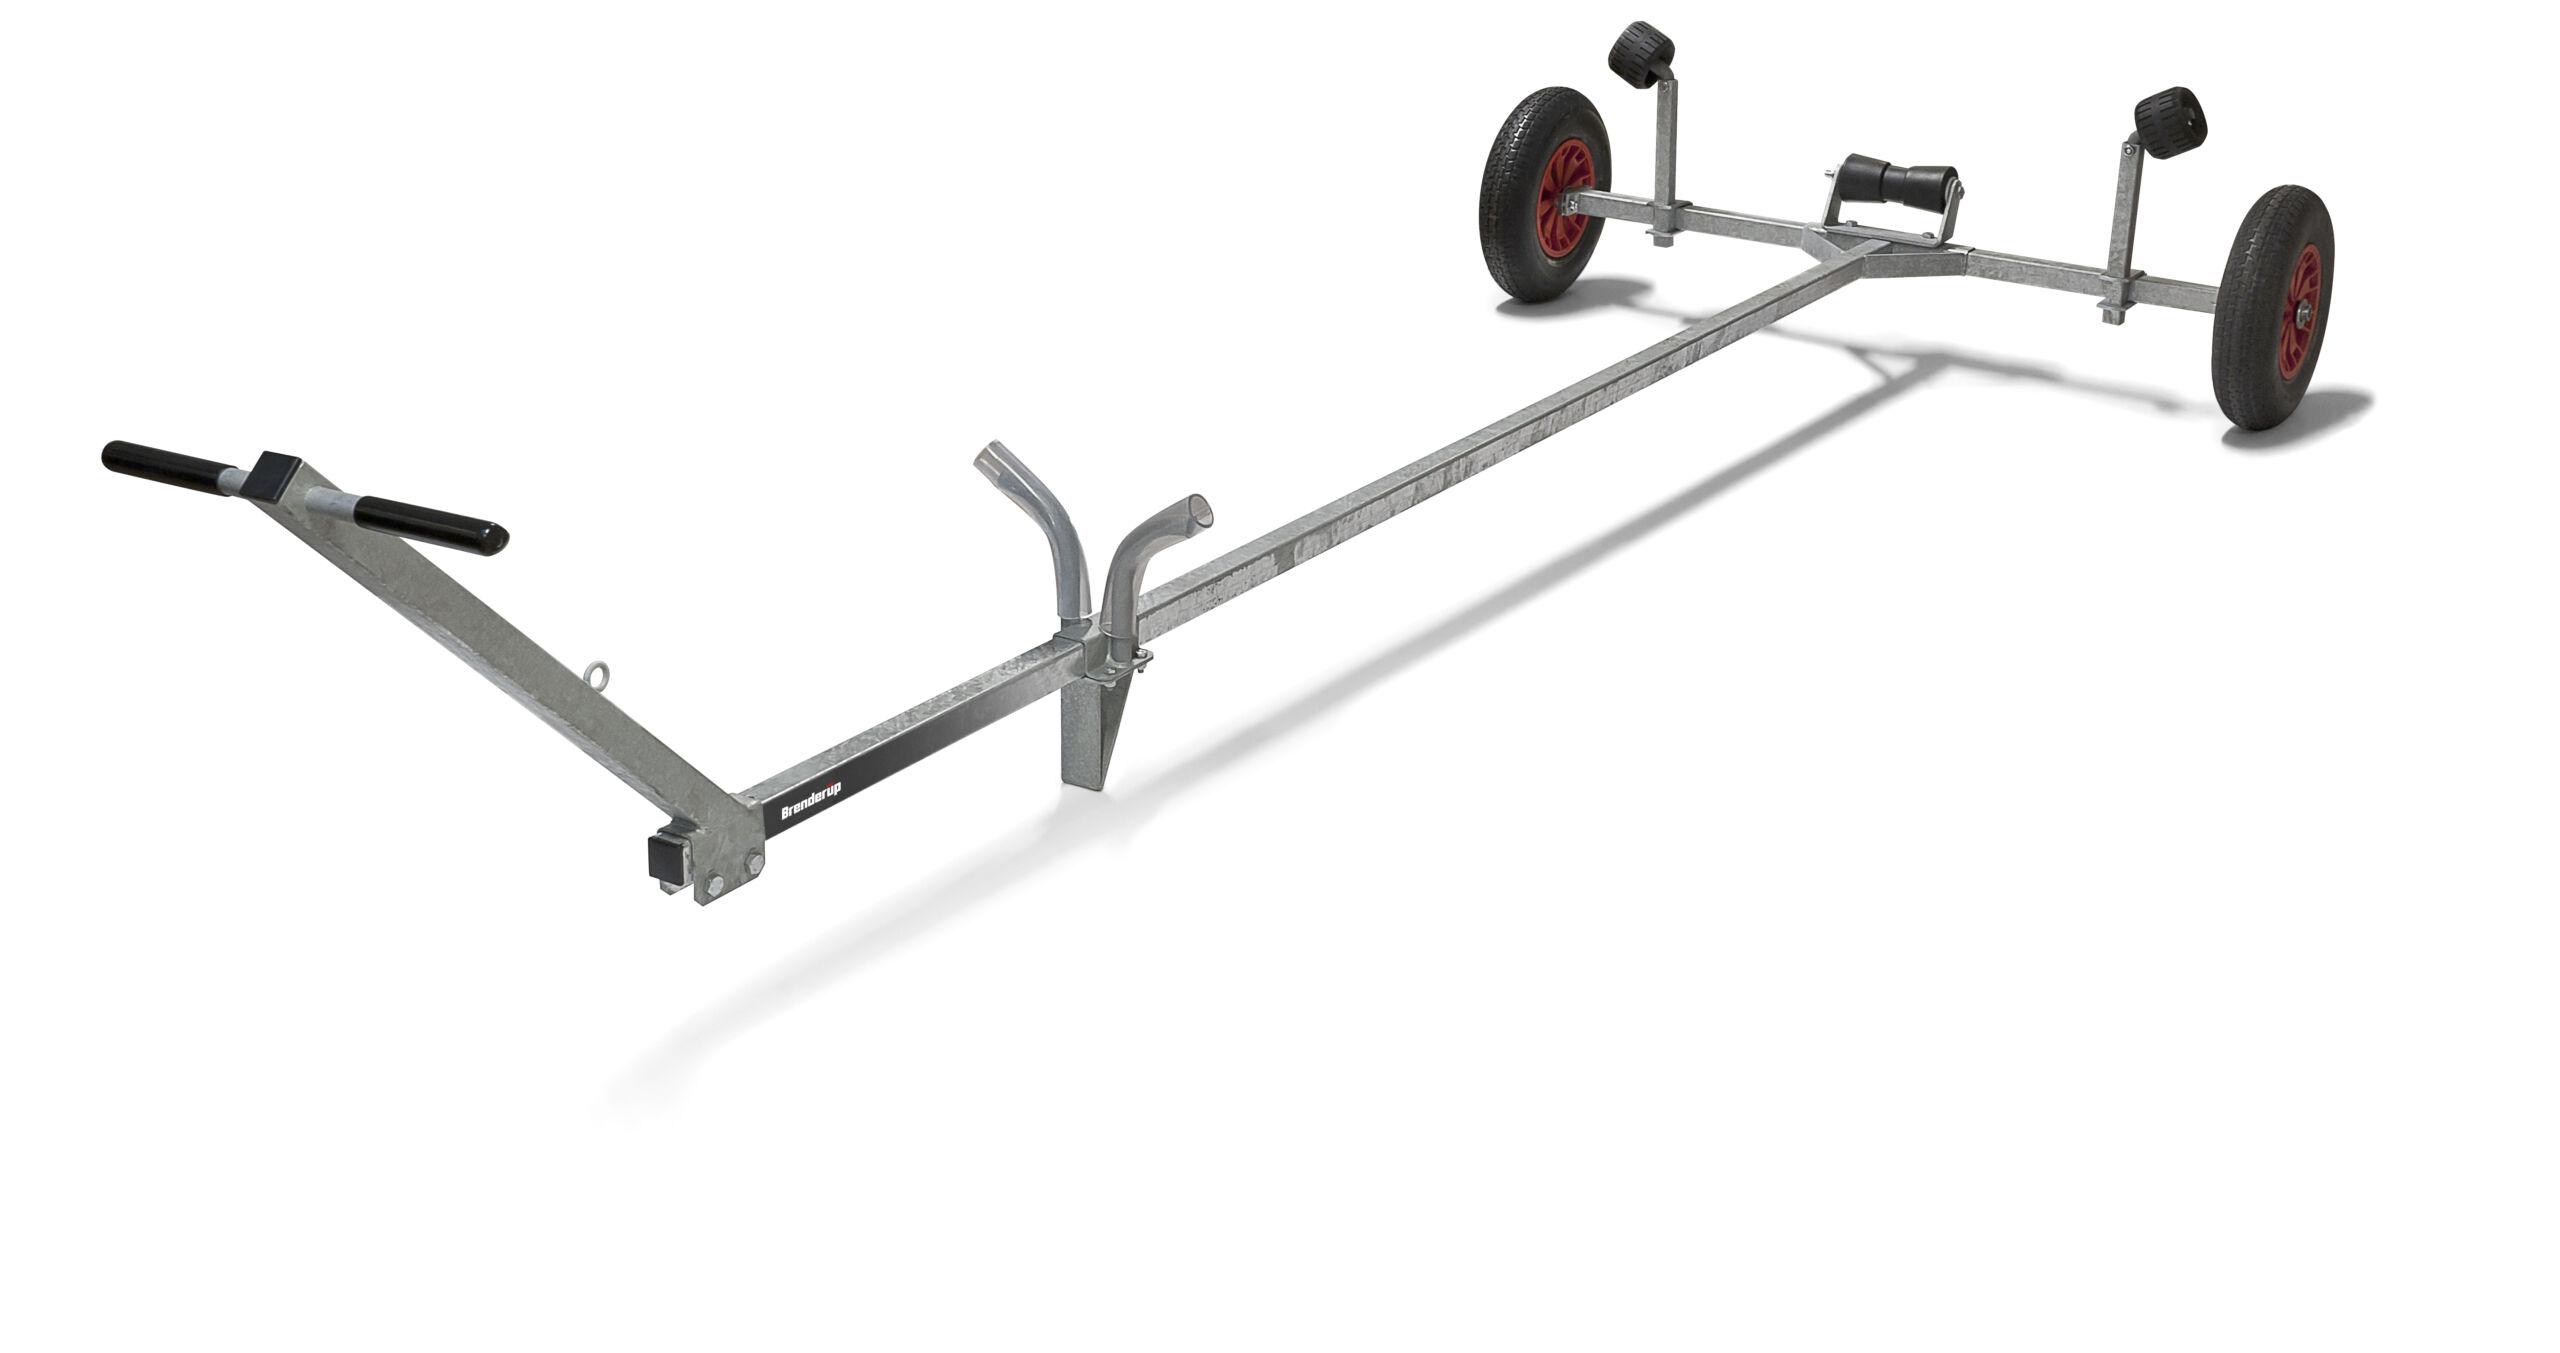 Brenderup Handtrailer ST130350 Hand